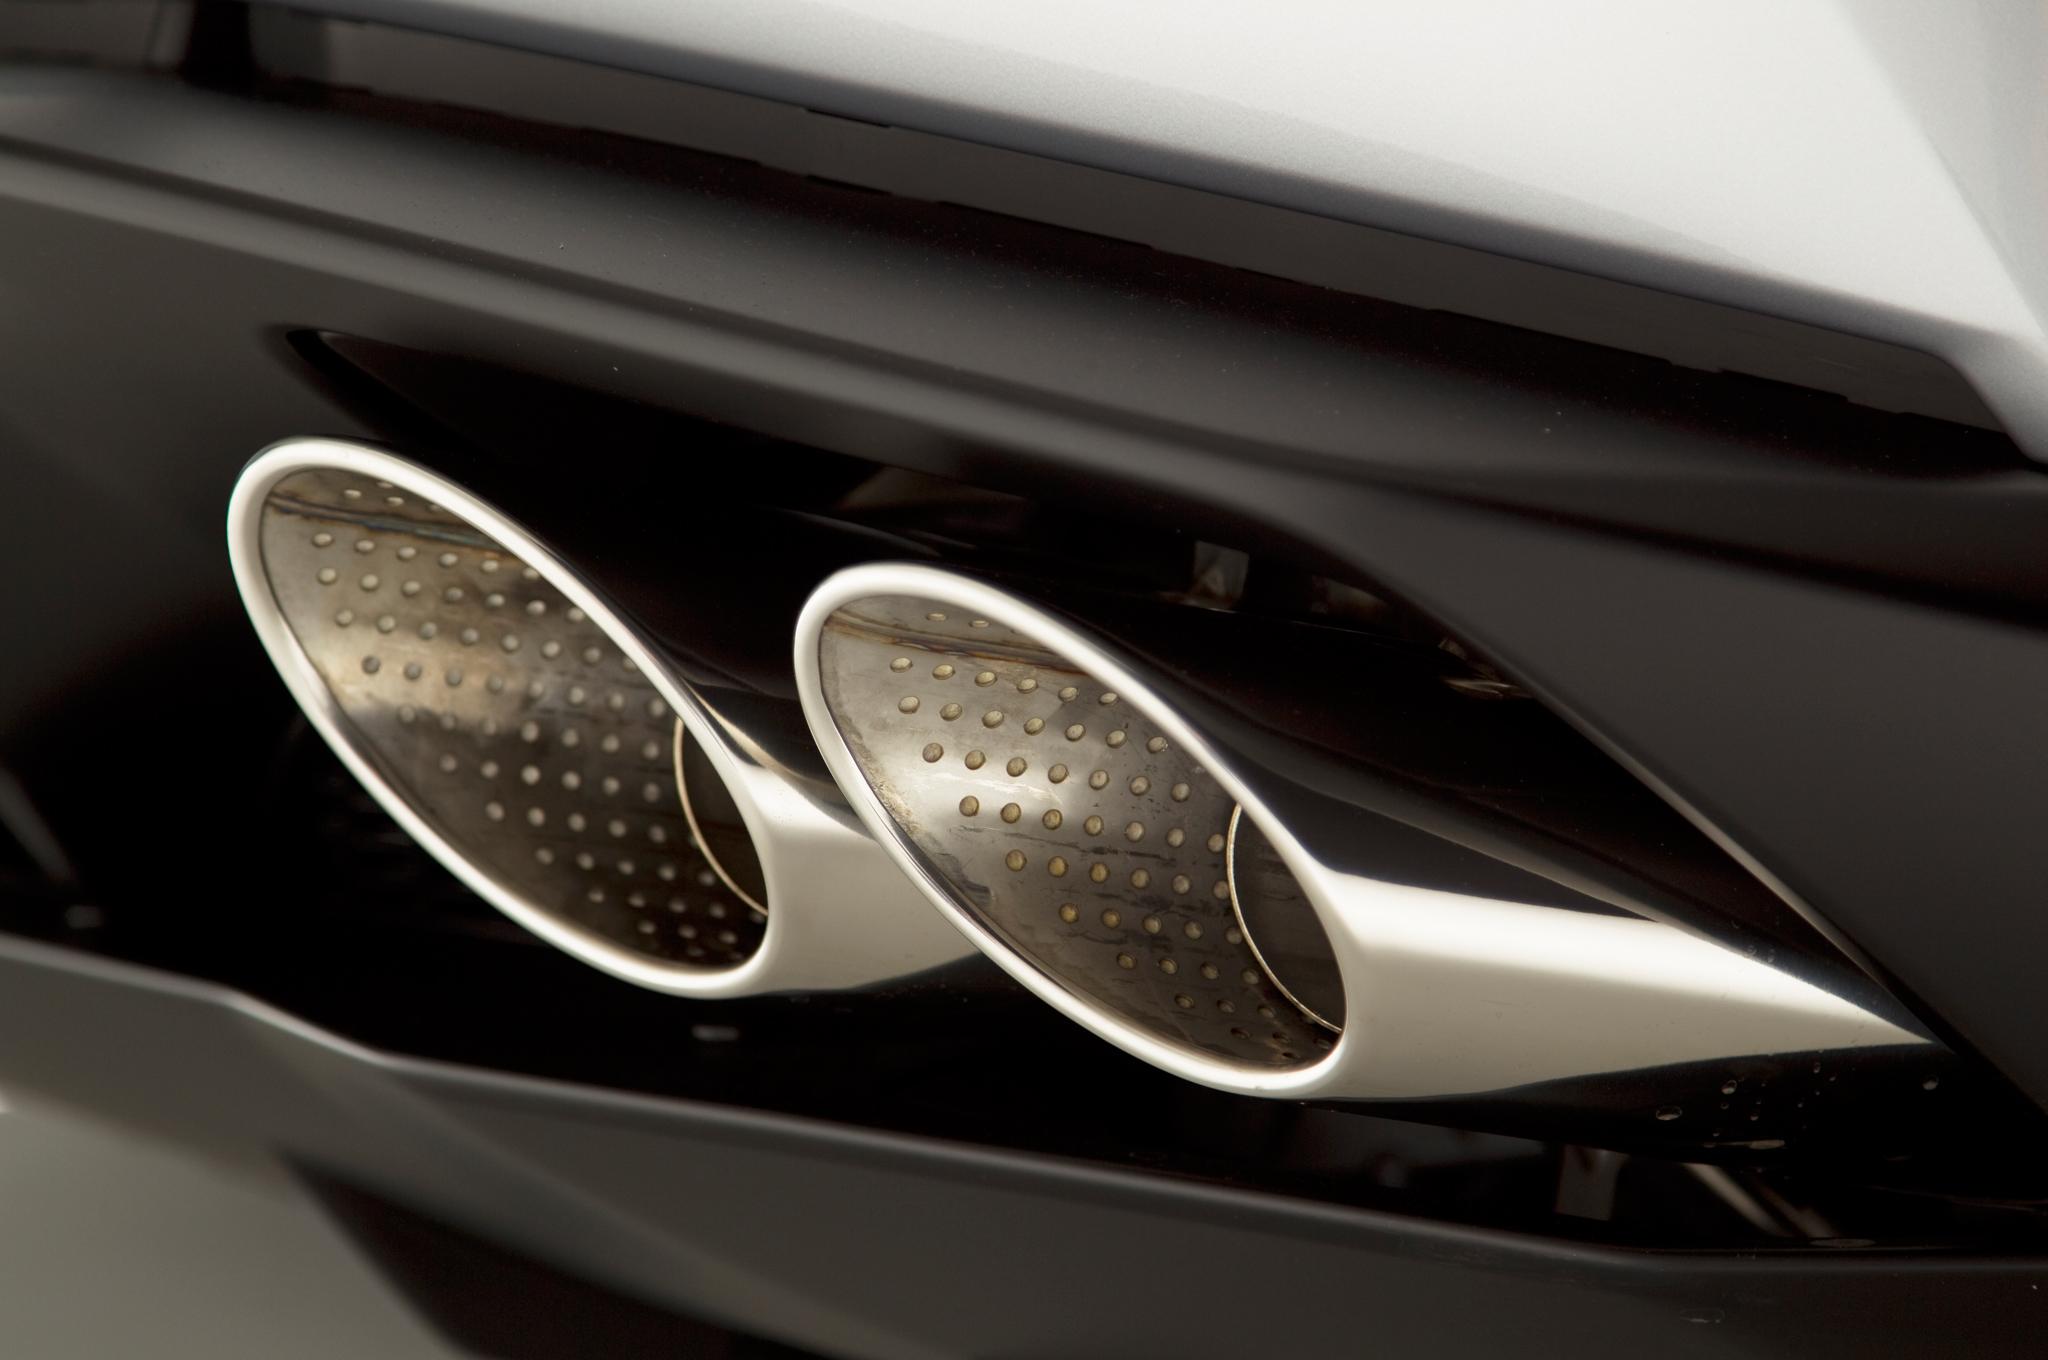 http—image.motortrend.com-f-roadtests-exotic-1312_2015_lamborghini_huracan_first_look-59411624-2015-Lamborghini-Huracan-exhaust-tip